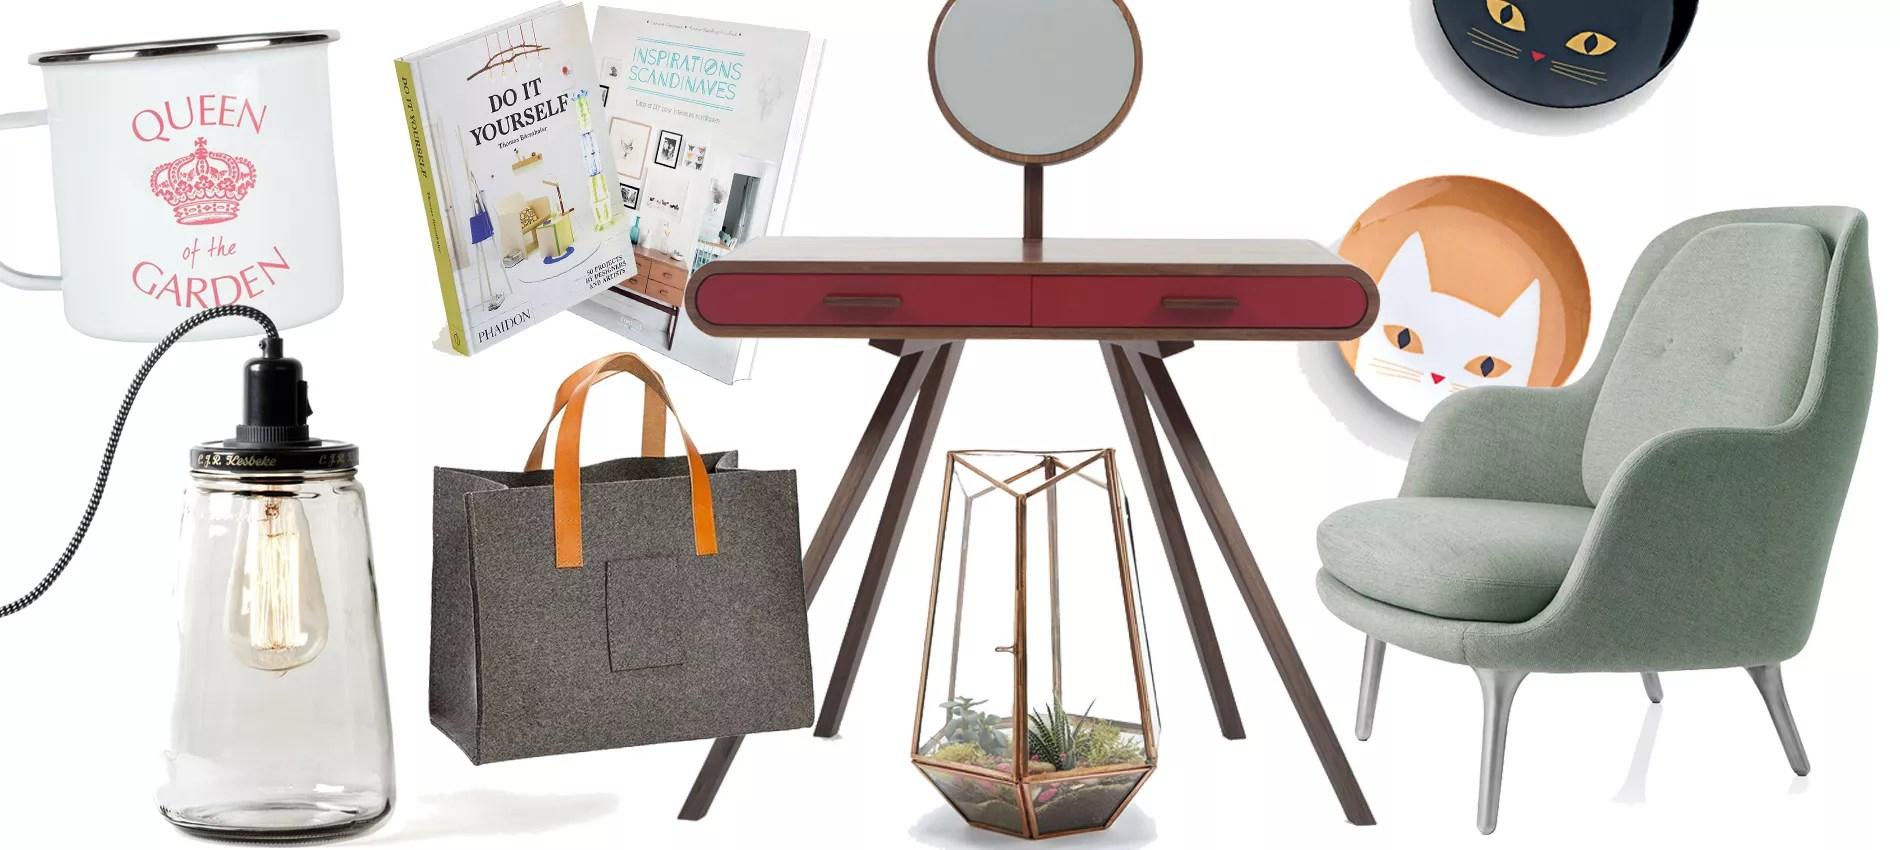 Elegant Petit Mobilier Art De La Table Luminaires Nos Ides